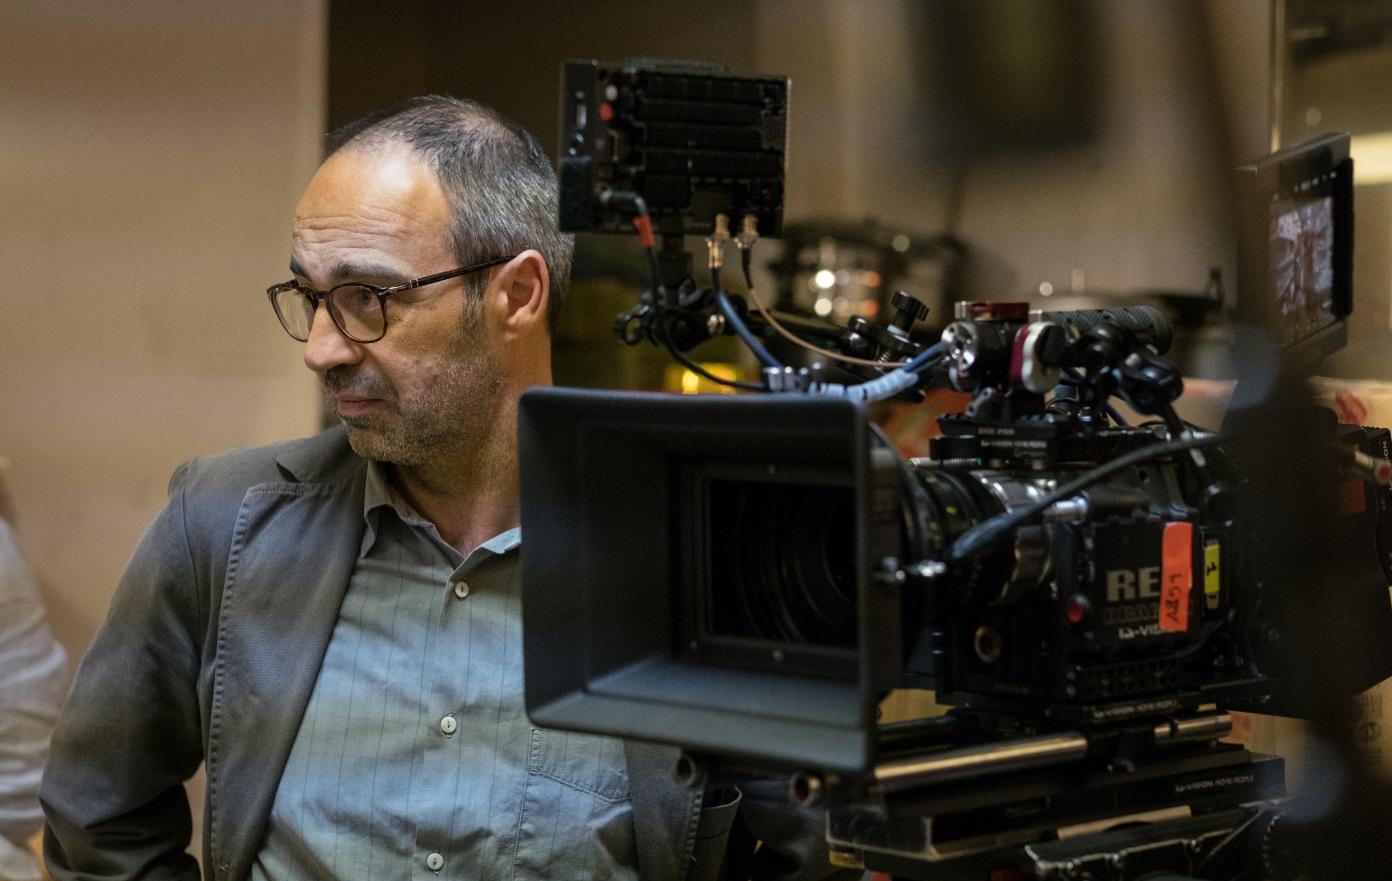 Il Miracolo: Niccolò Ammaniti in un'immagine dal set